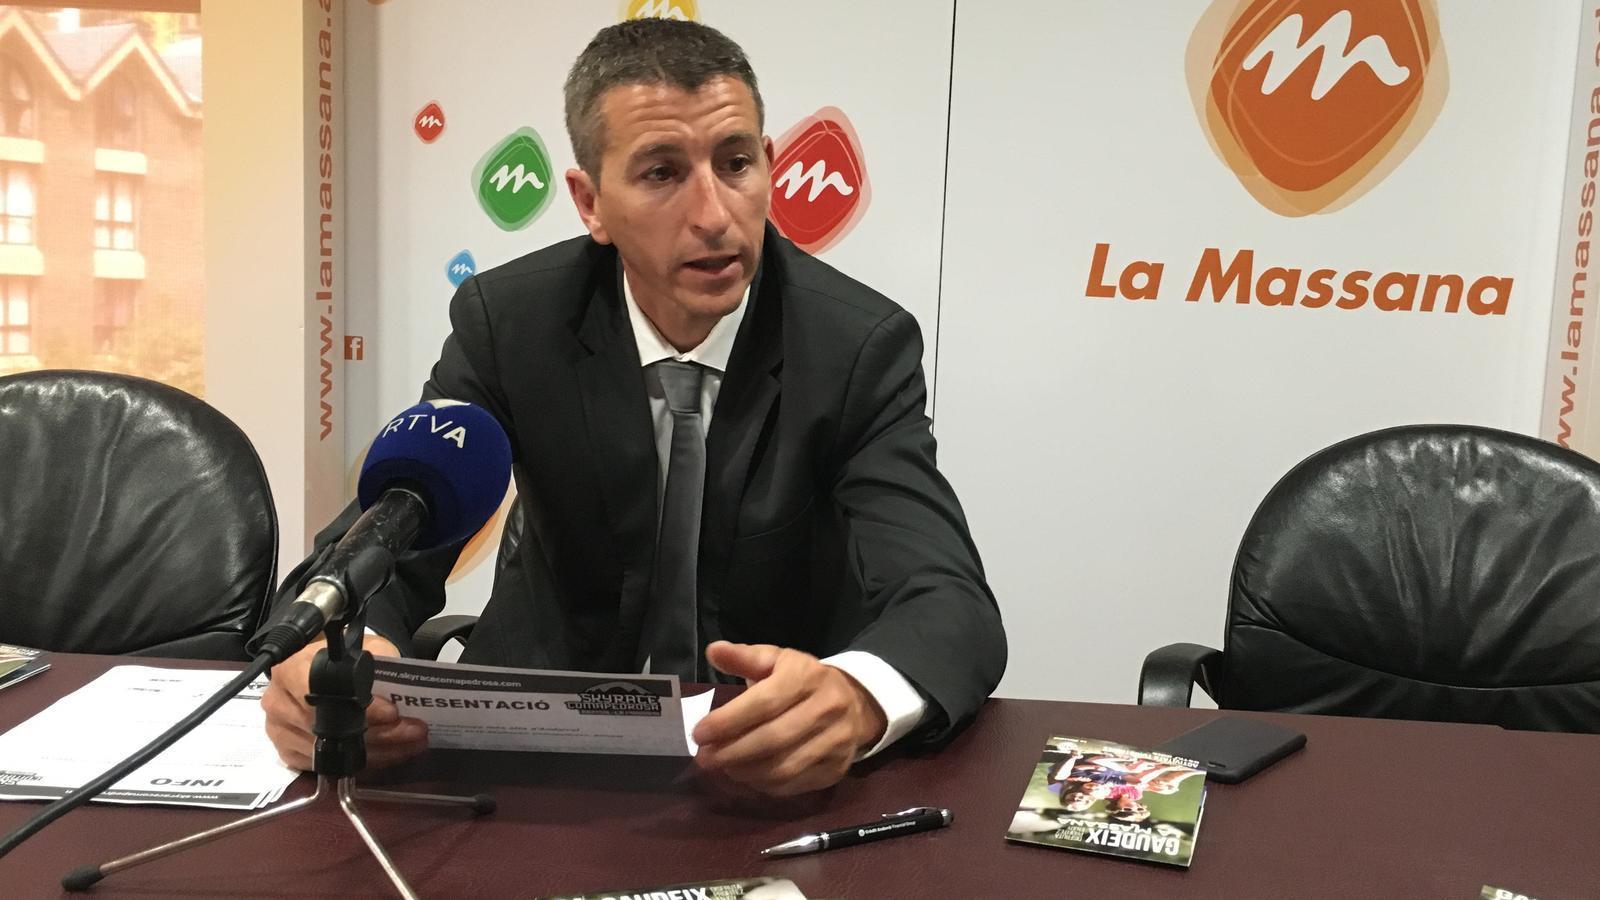 El conseller de Turisme, Sergi Balielles, ha presentat l'oferta turística / COMÚ DE LA MASSANA